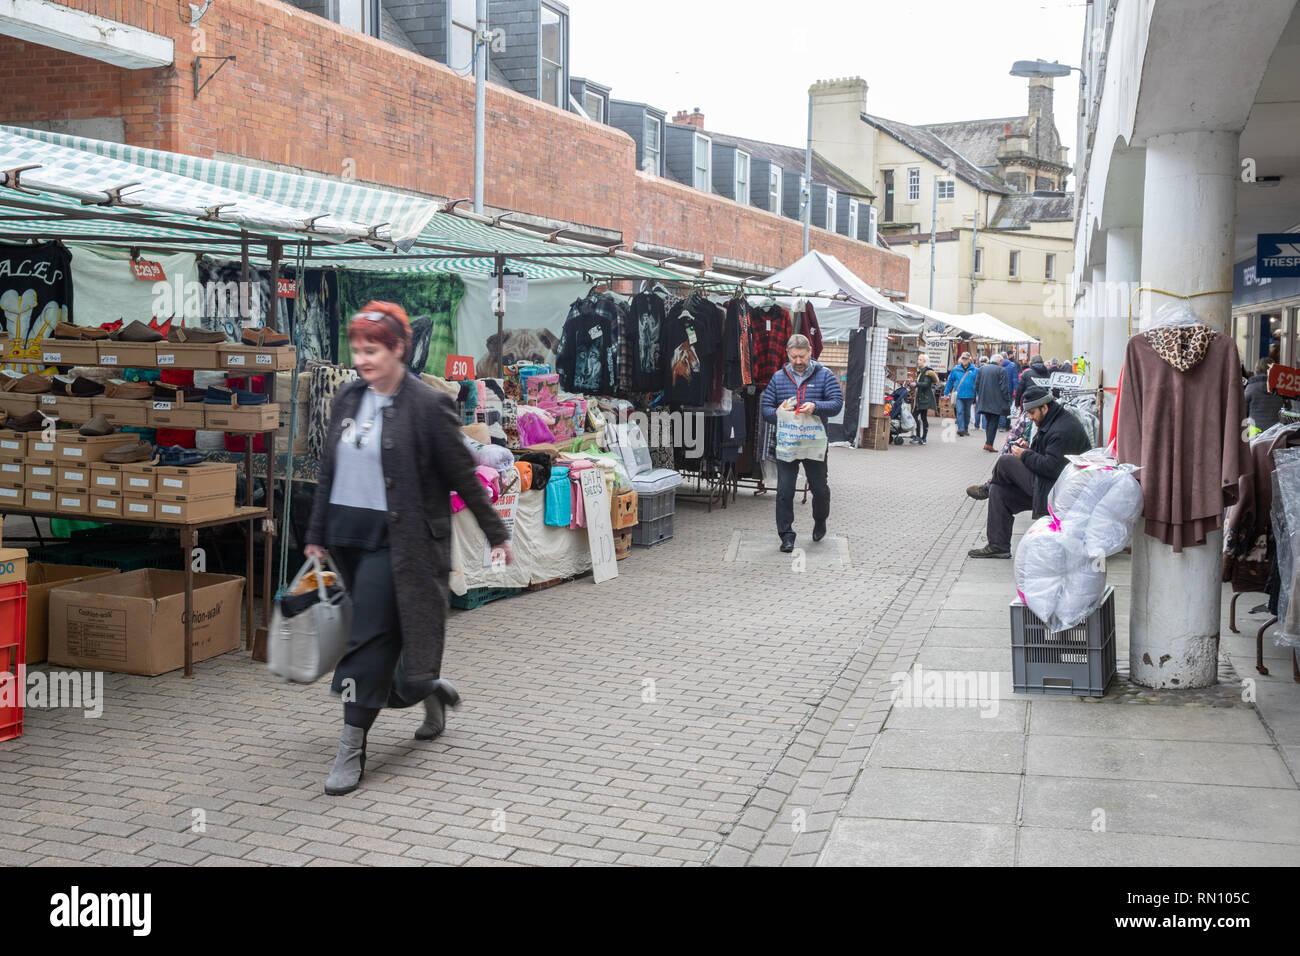 La gente acquista per gli elementi economici presso le bancarelle del mercato attraverso il Regno Unito in cerca di un buon affare su loro gli oggetti della vita quotidiana. Immagini Stock